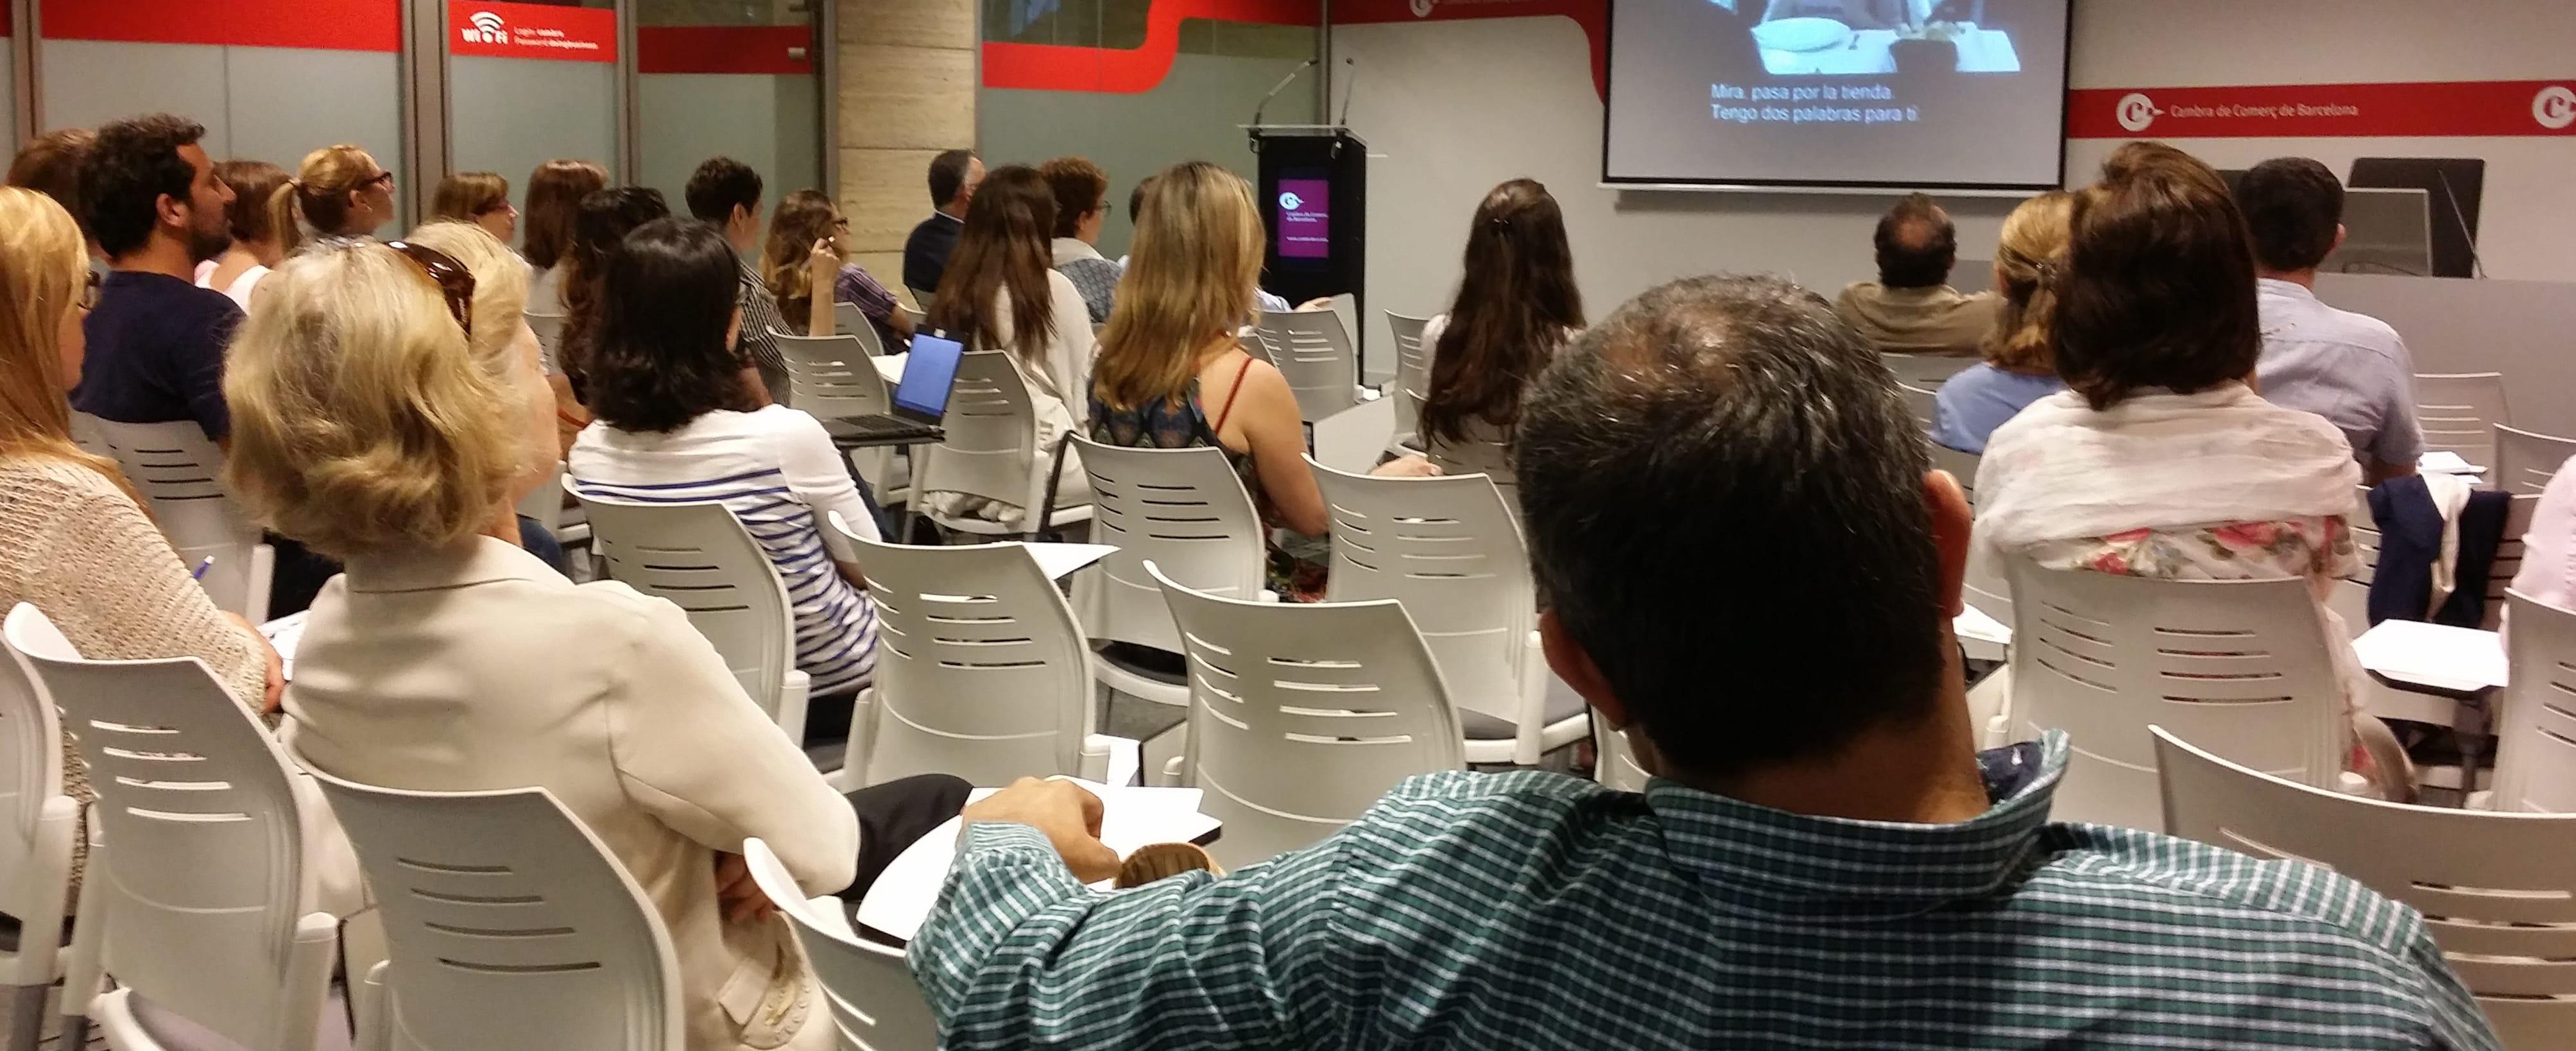 Impartimos un taller en Barcelona sobre cómo aumentar la rentabilidad mejorando la experiencia de cliente